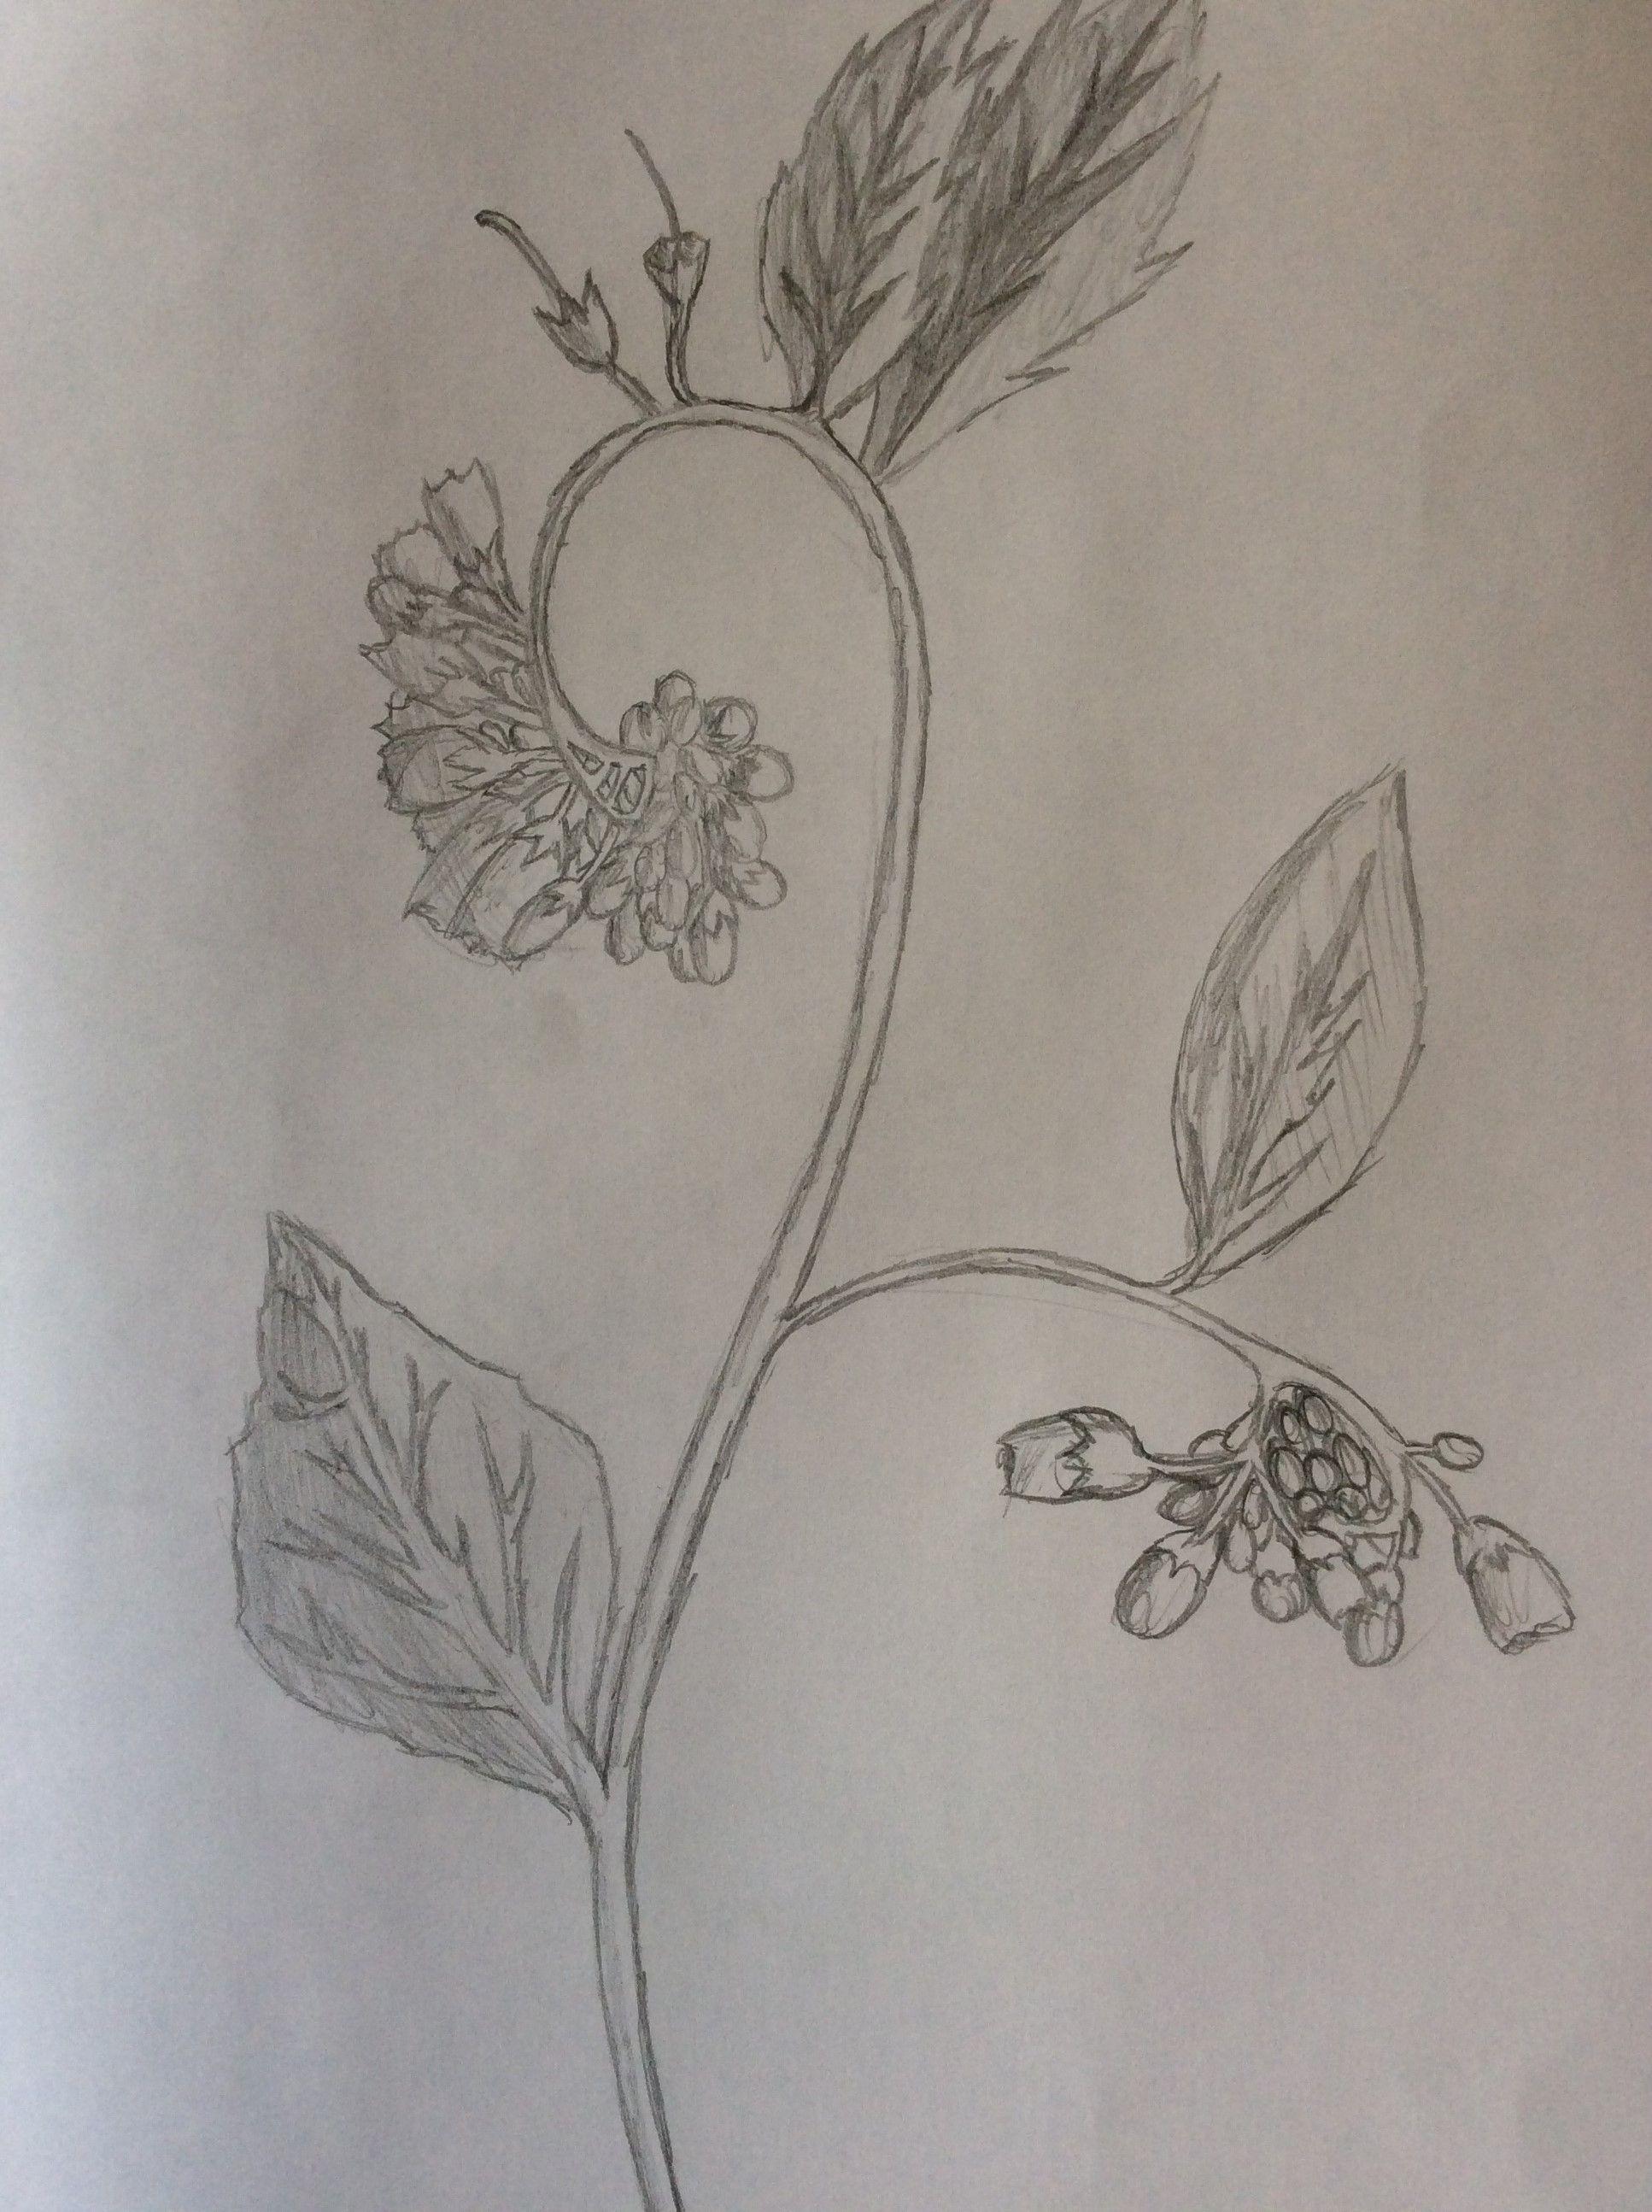 Este Es Un Trabajo De Dibujo En El Que Tuve Que Realizar Una Planta En Dibujo Cientifico Dibujos Artisticos Artistas Cientificos